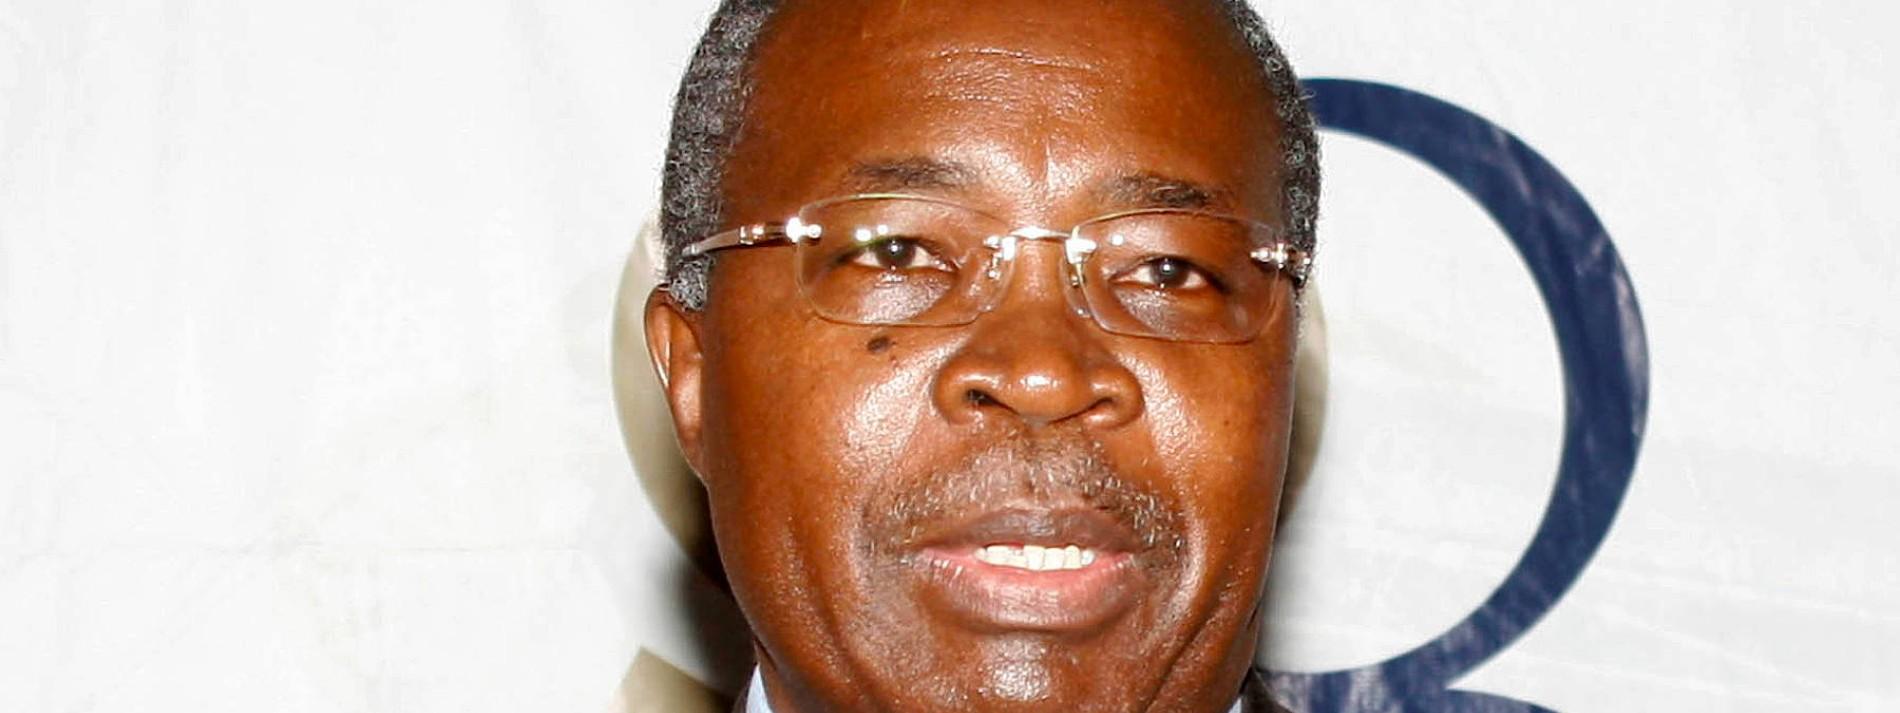 Machtwechsel in Sambia beflügelt Finanzmärkte